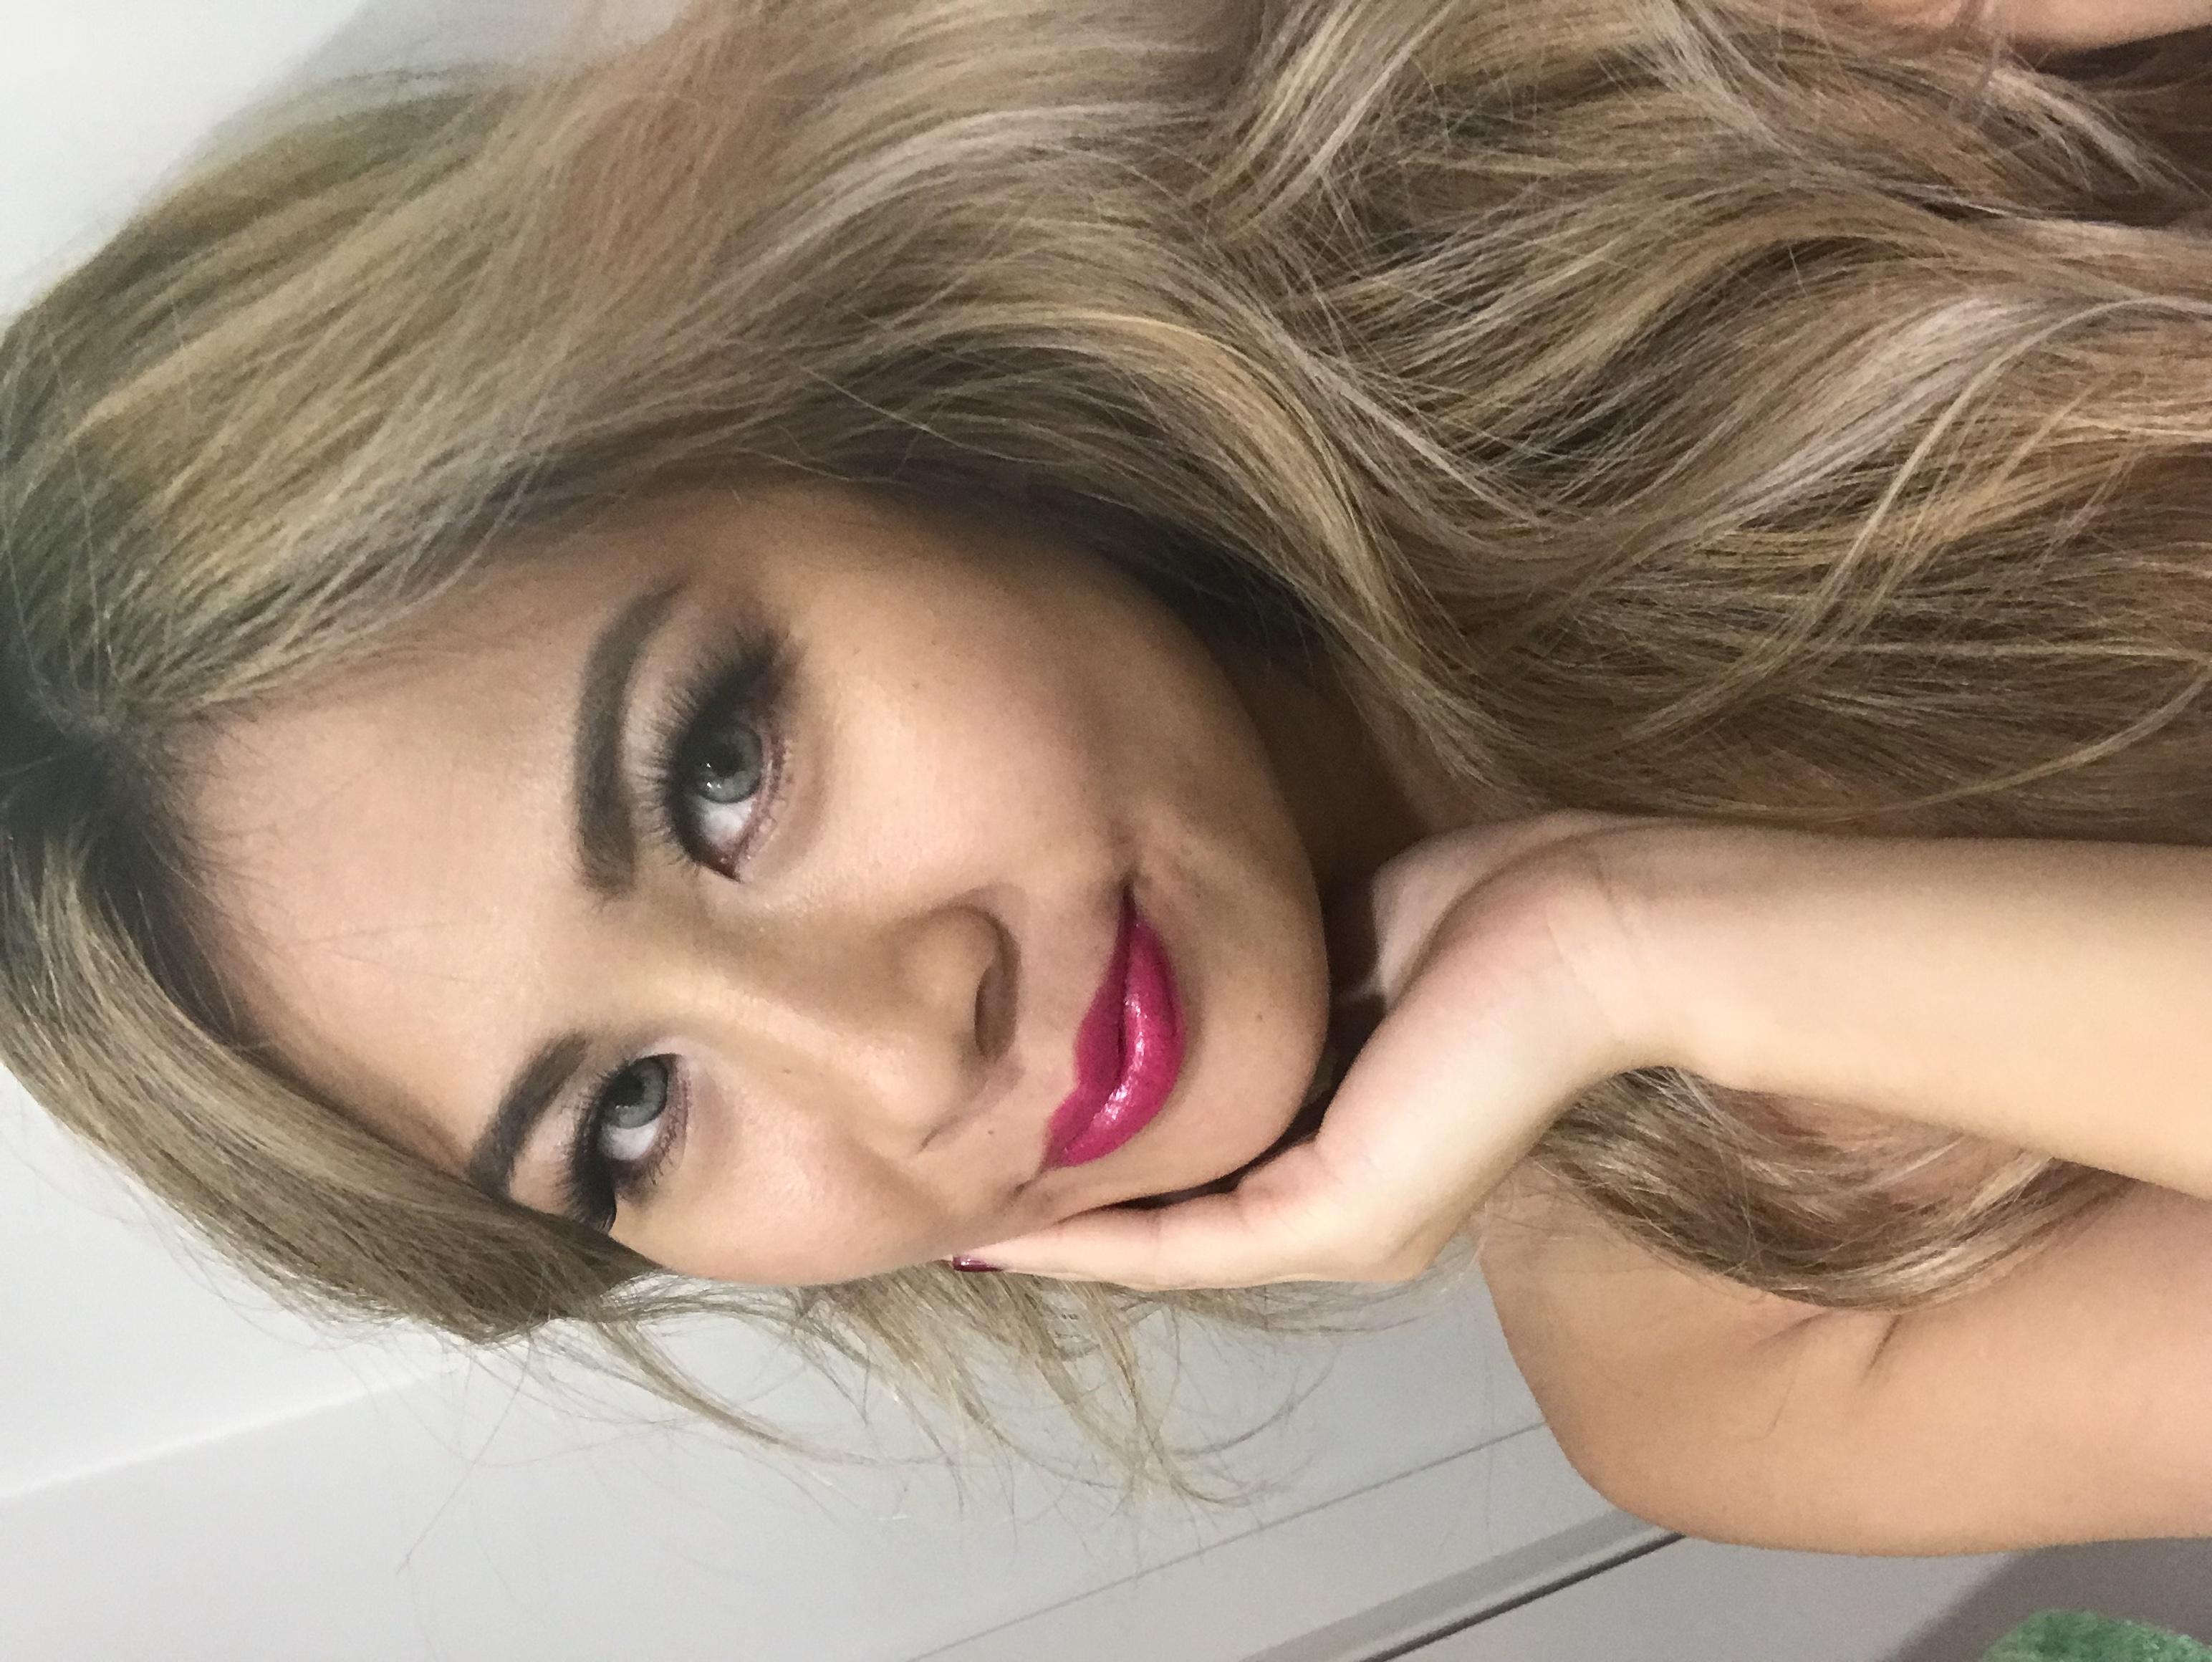 Charisma's profile picture